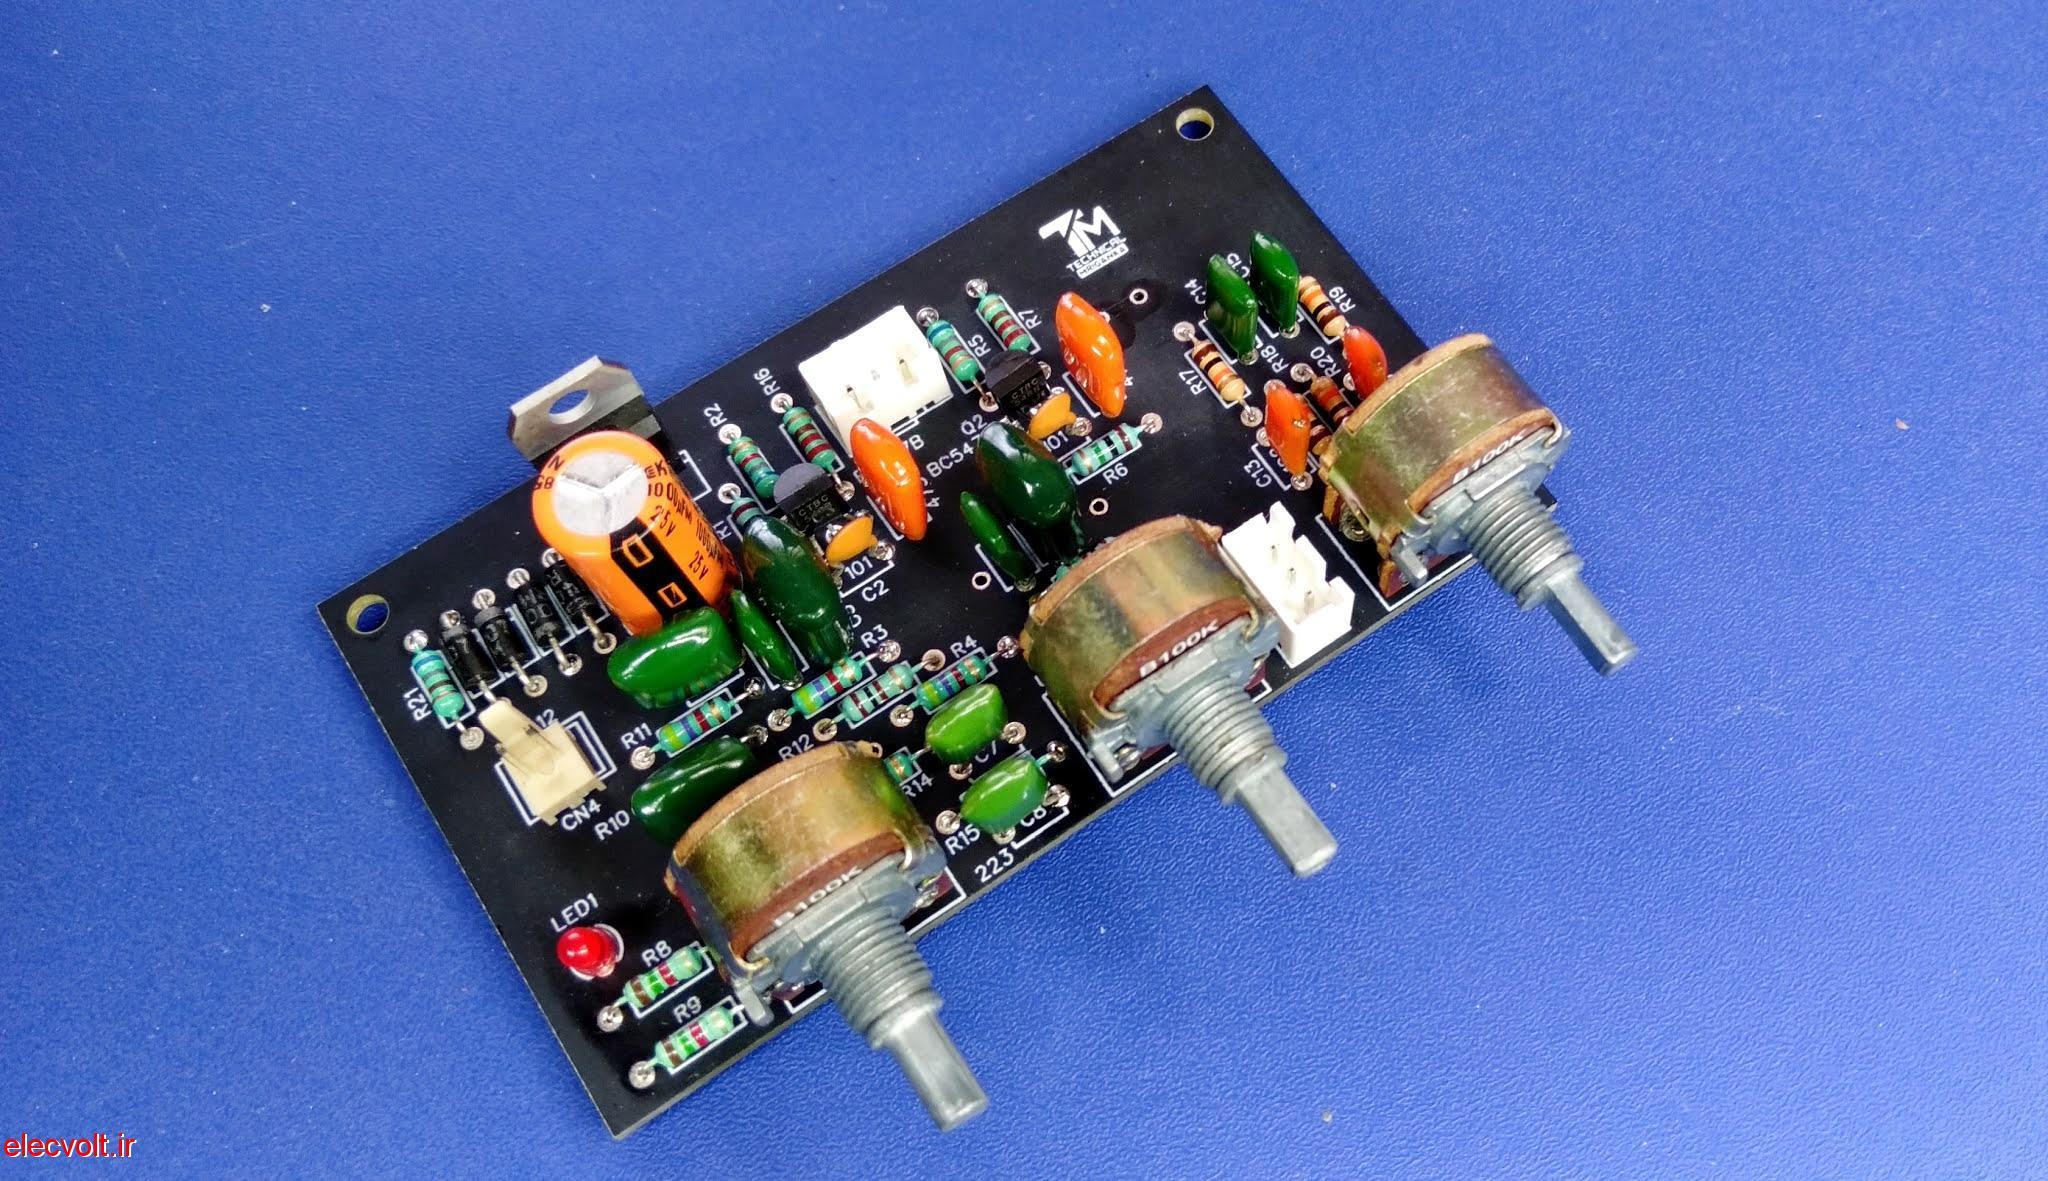 ساخت کنترل تن استریو 3 باند